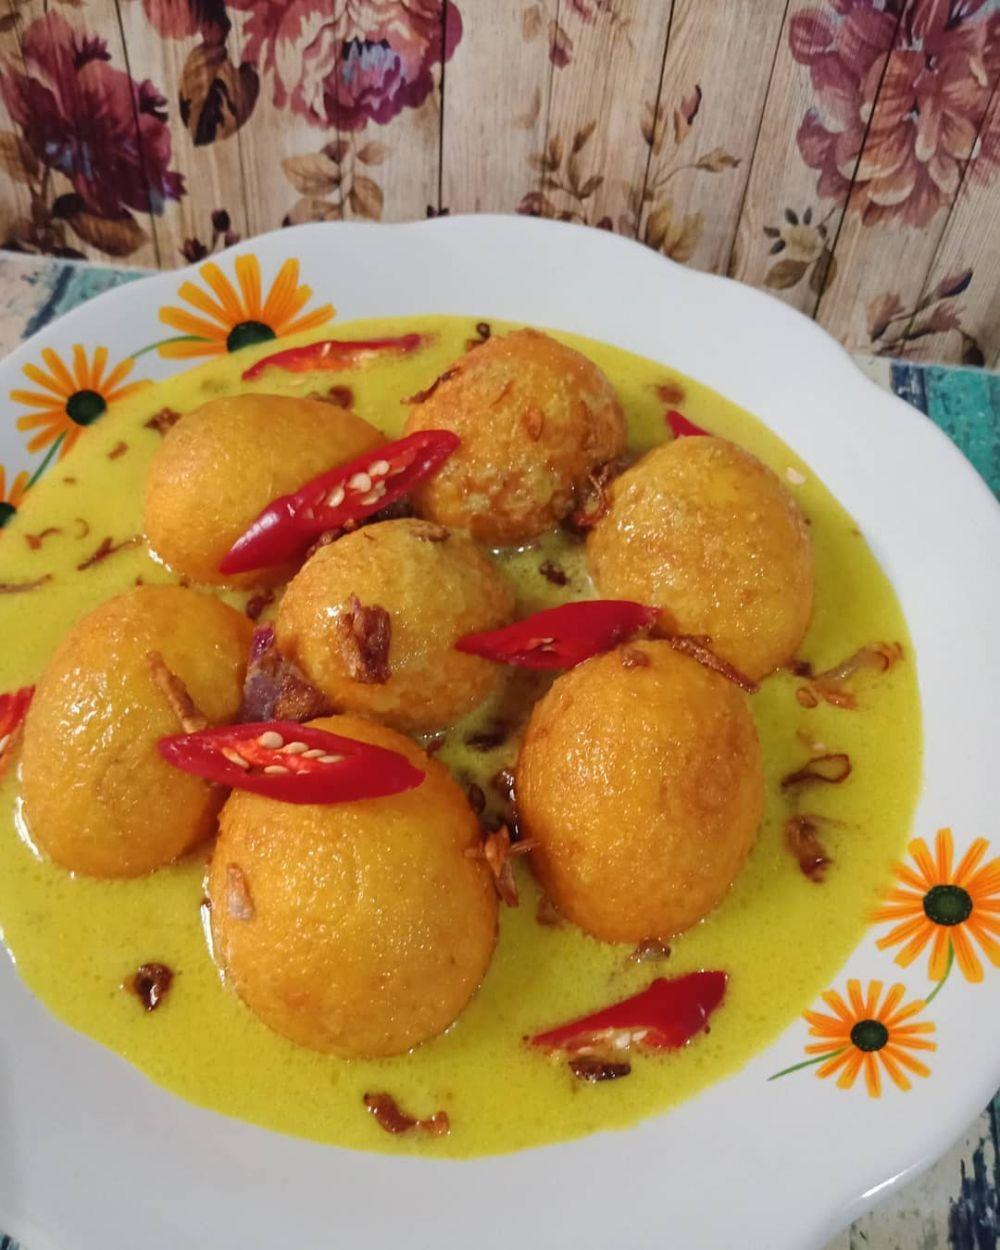 resep telur kuah kuning © Instagram